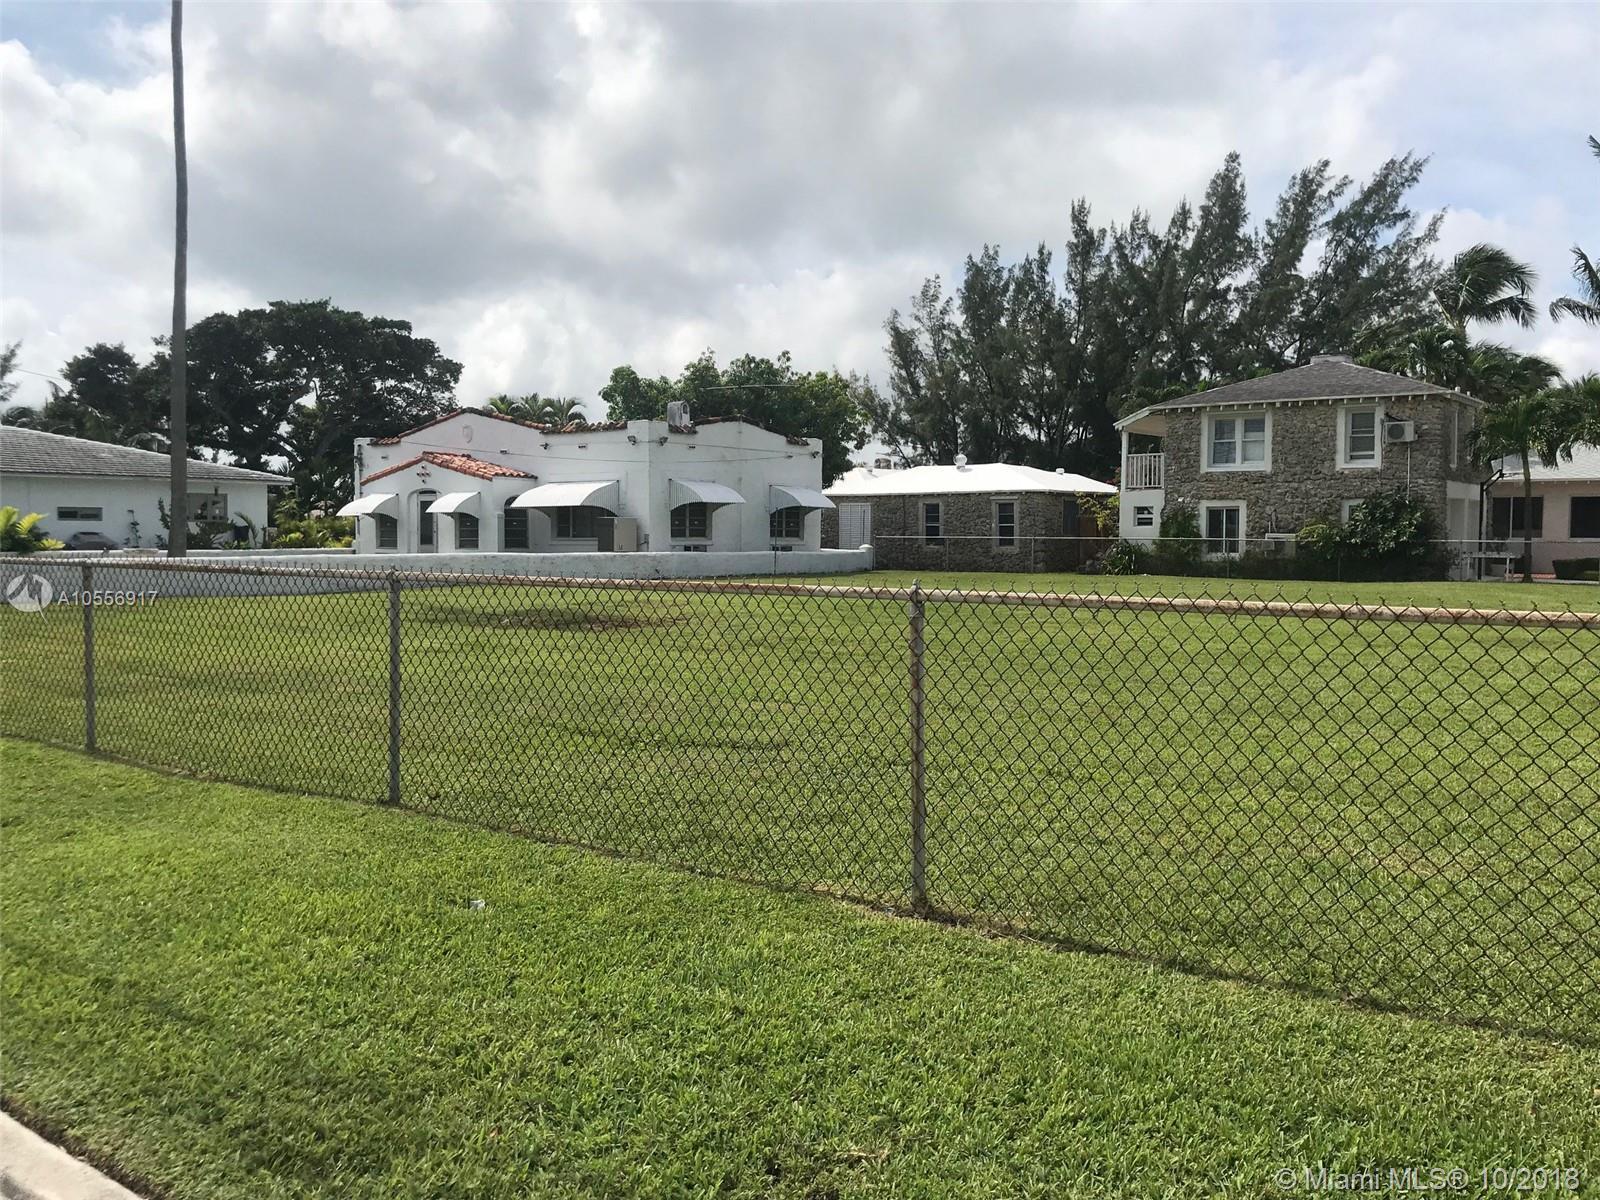 8712 Byron Ave, Surfside, FL 33154